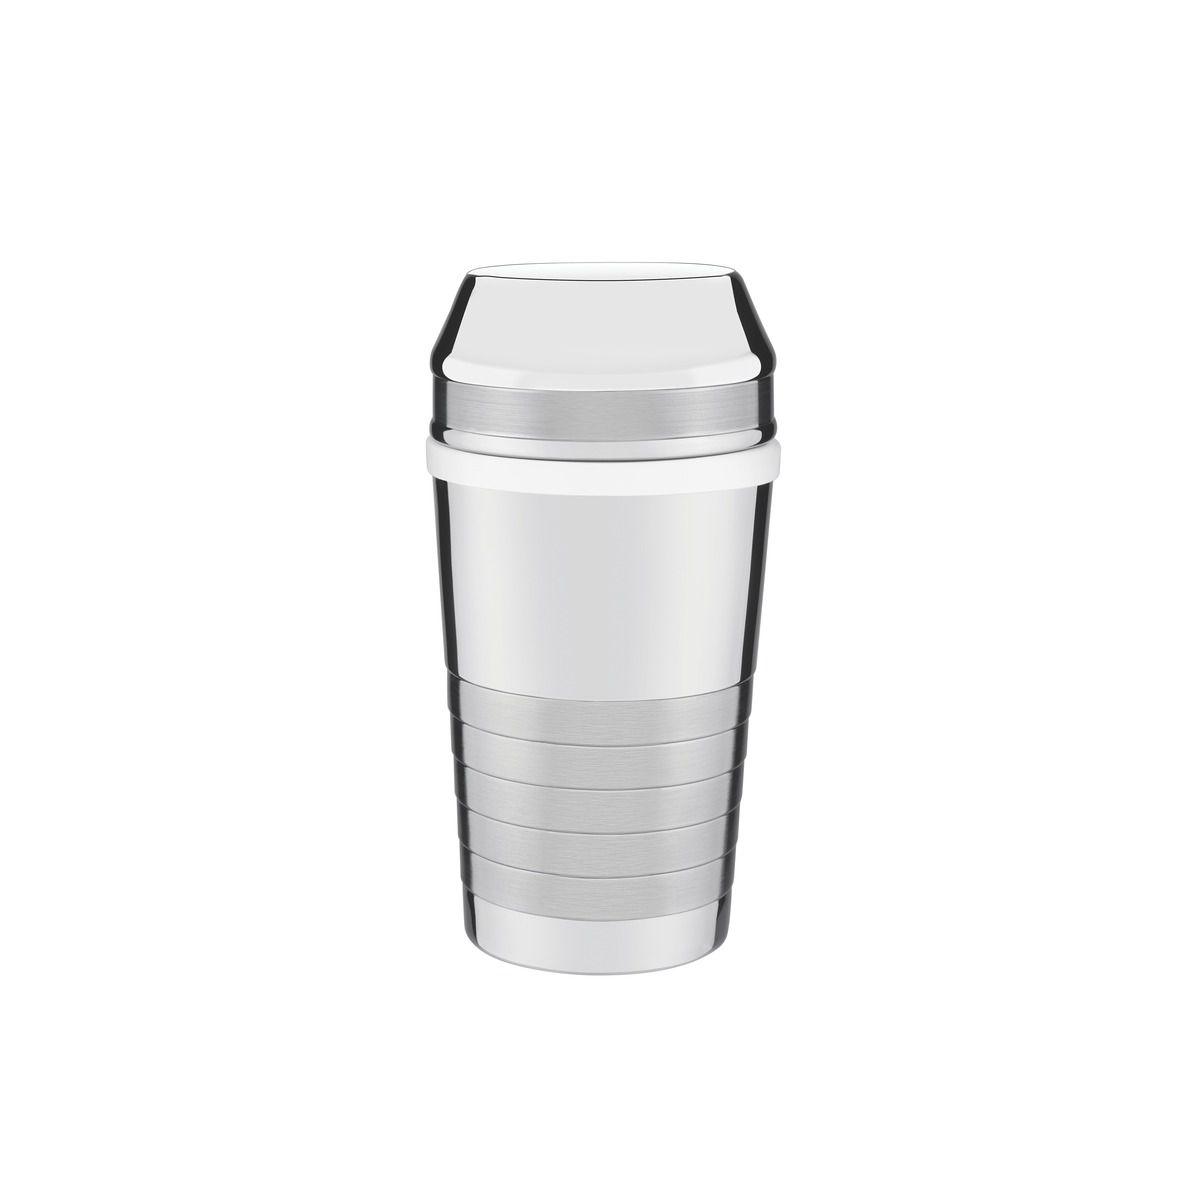 Coqueteleira para Drinks Tramontina em Aço Inox com Detalhes Foscos 680 ml 61346/080 | Lojas Estrela